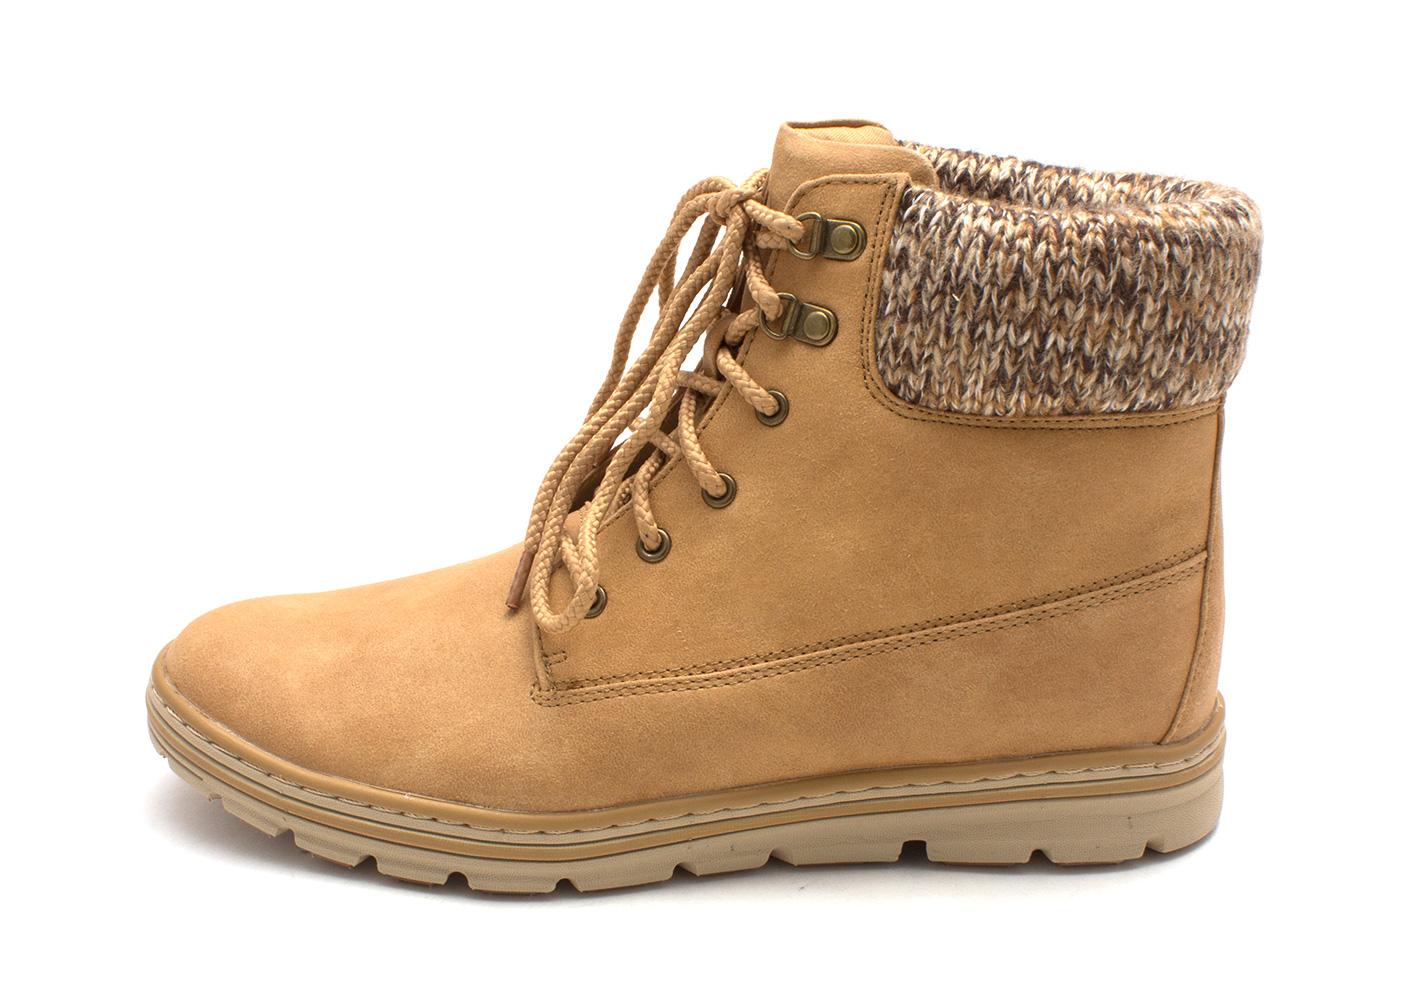 women White Mountain Kansas Bottes color brown Wheat size 39.5 EU   8.5 US